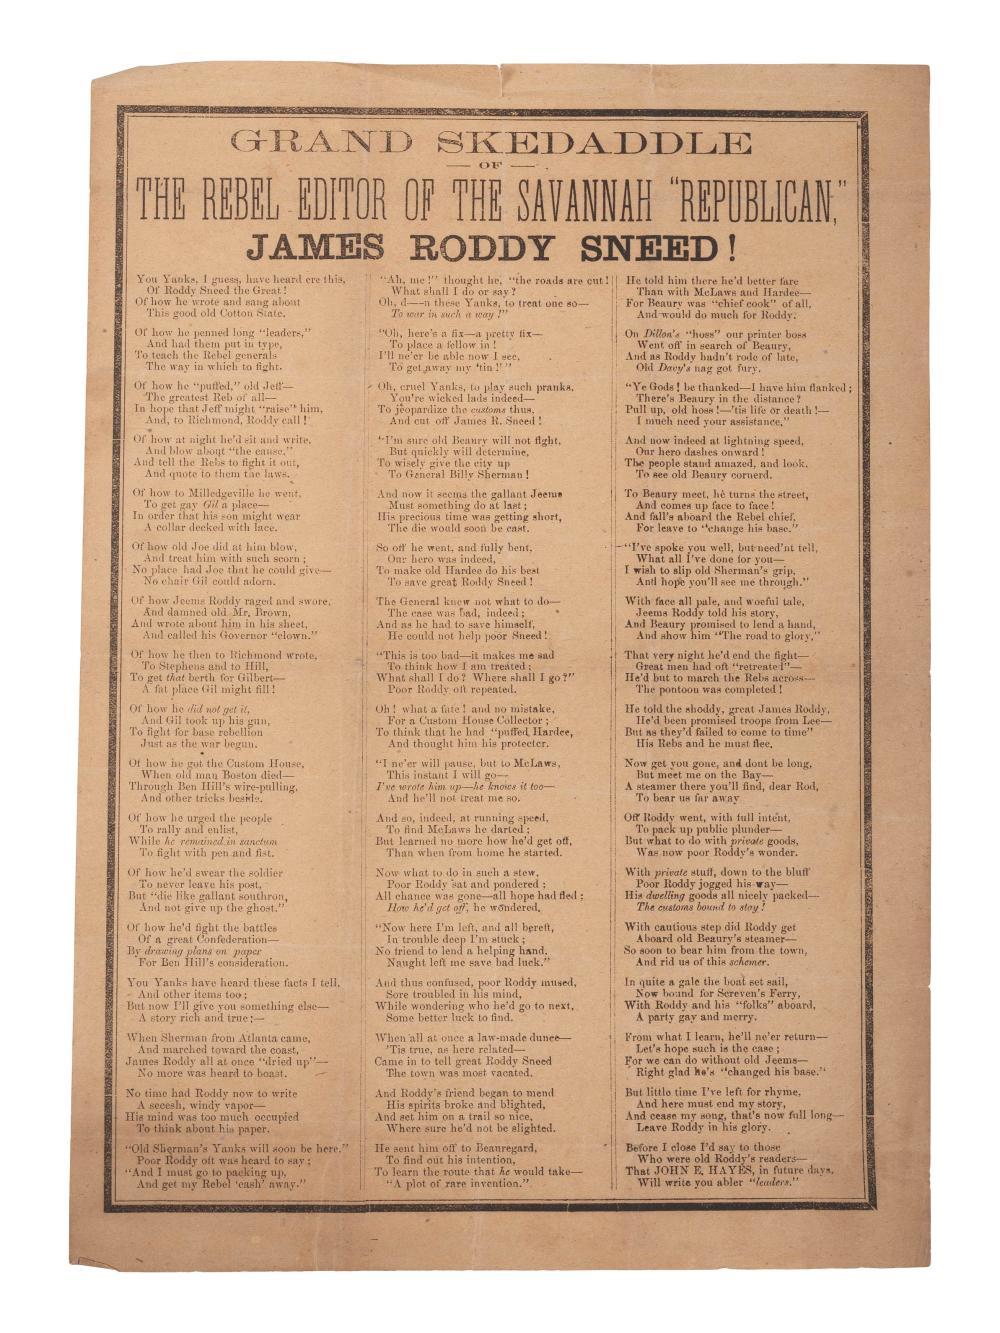 """Grand Skedaddle of the Rebel Editor of the Savannah """"Republican,"""" James Roddy Sneed! N.p.: n.p., [ca 1864-1865]."""